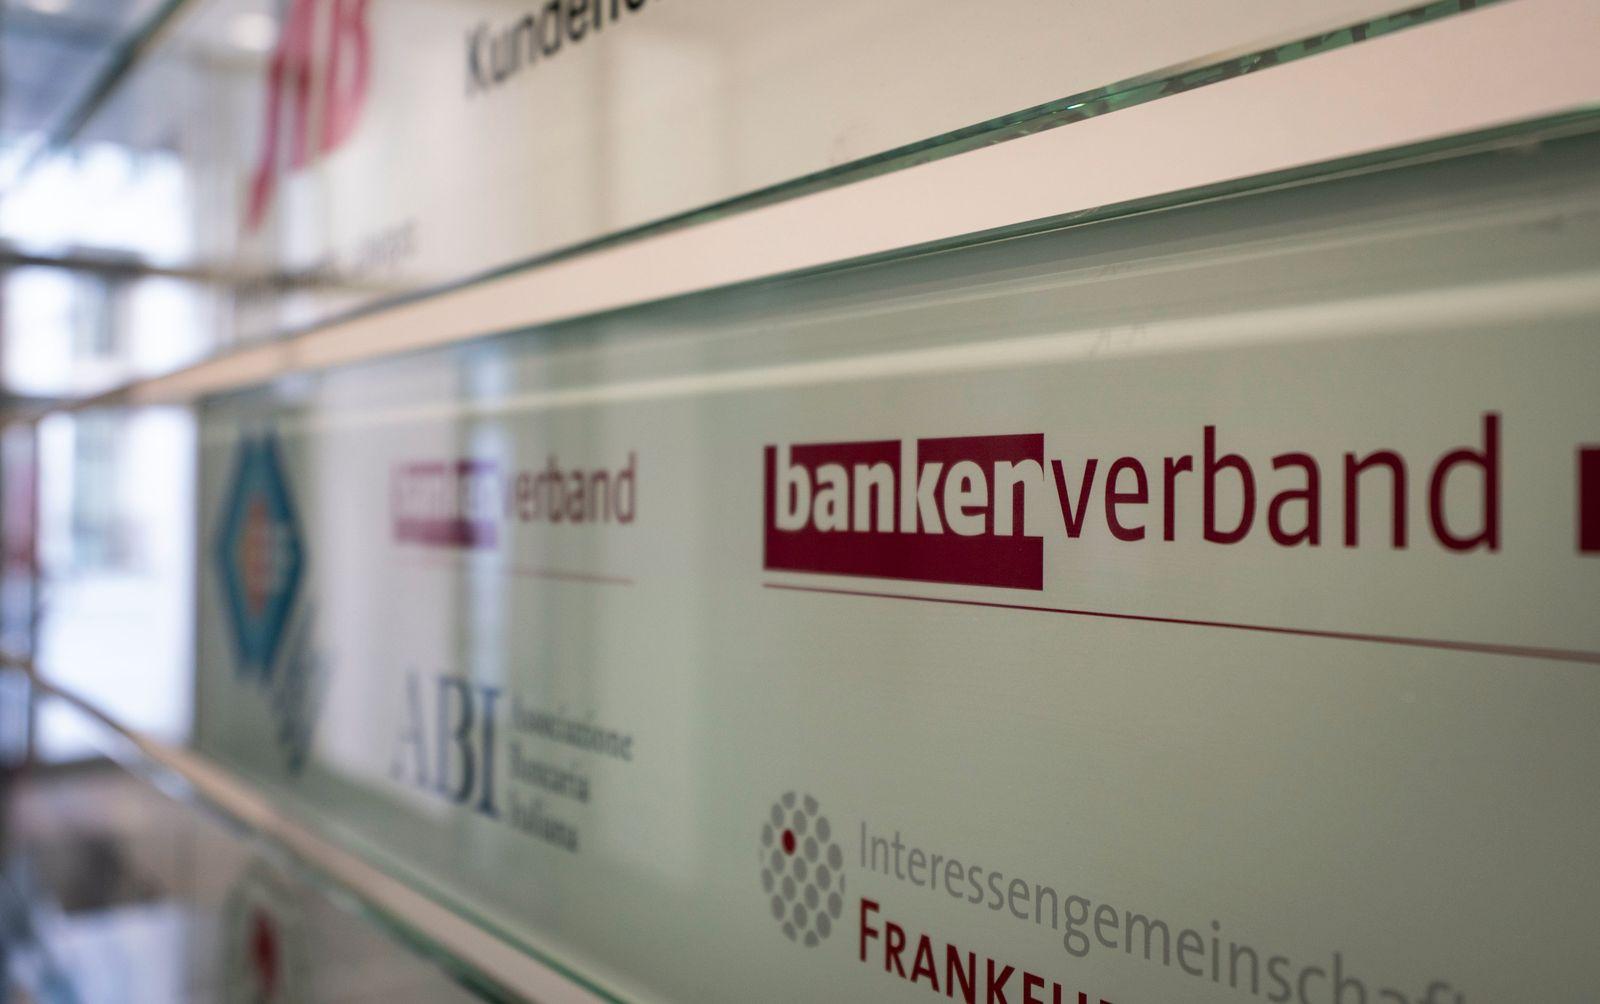 Cum-Ex-Durchsuchungen beim Bankenverband